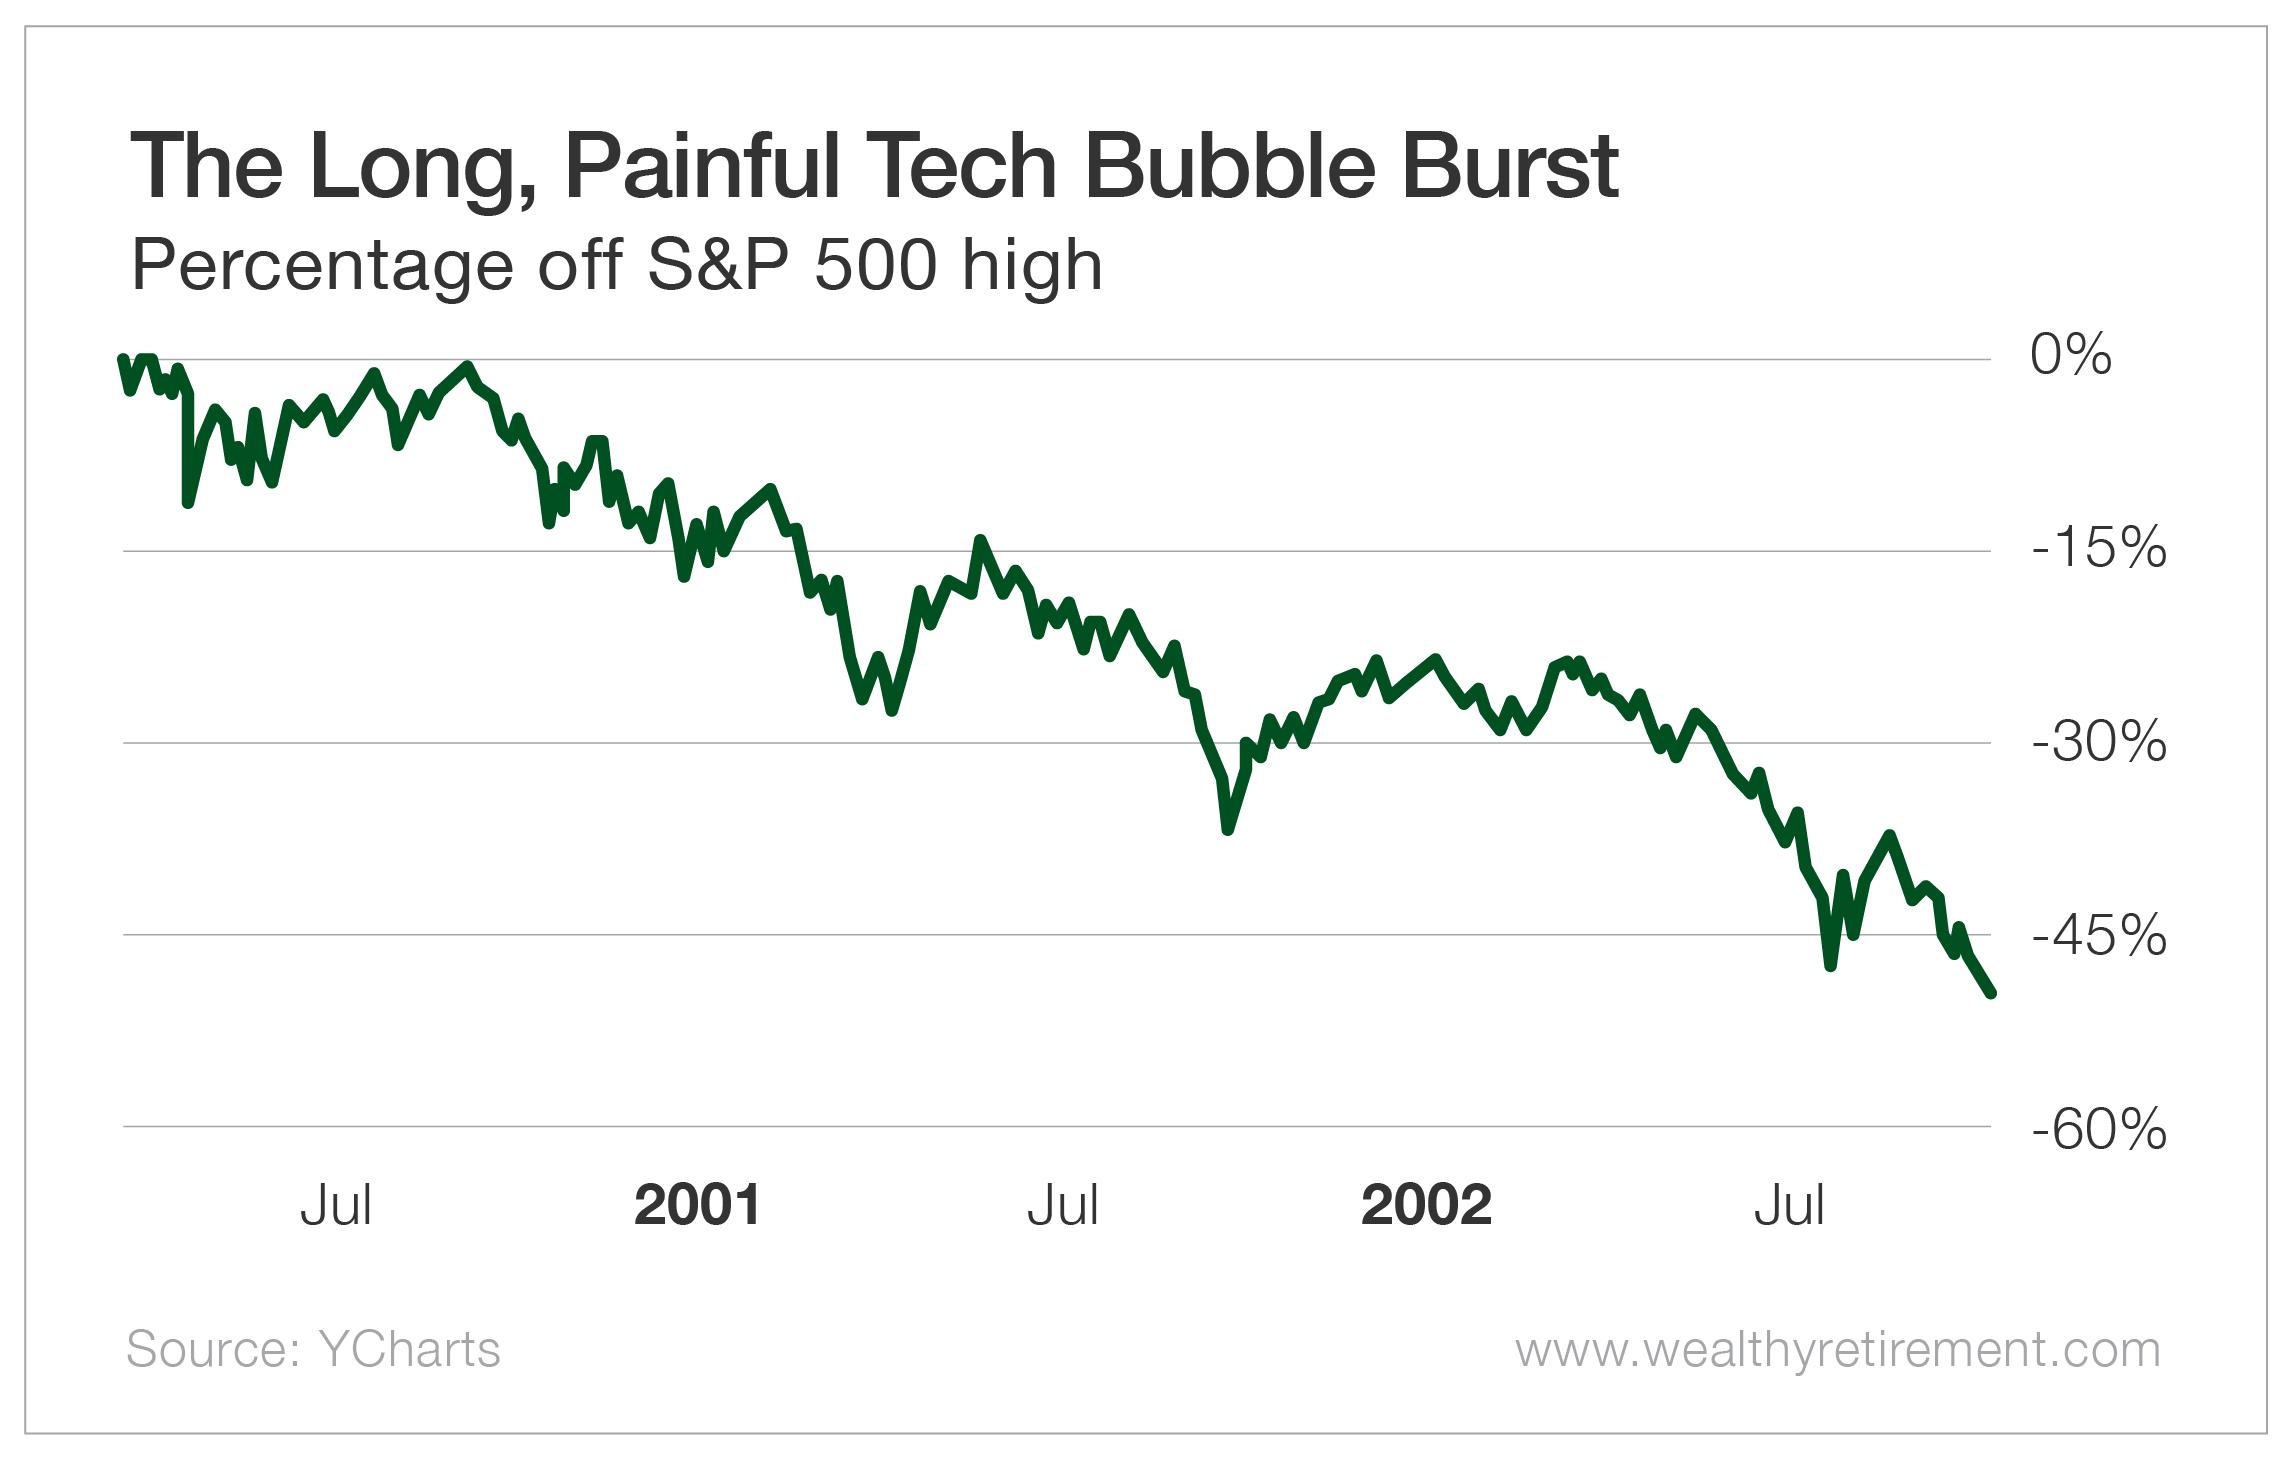 The Long, Painful Tech Bubble Burst